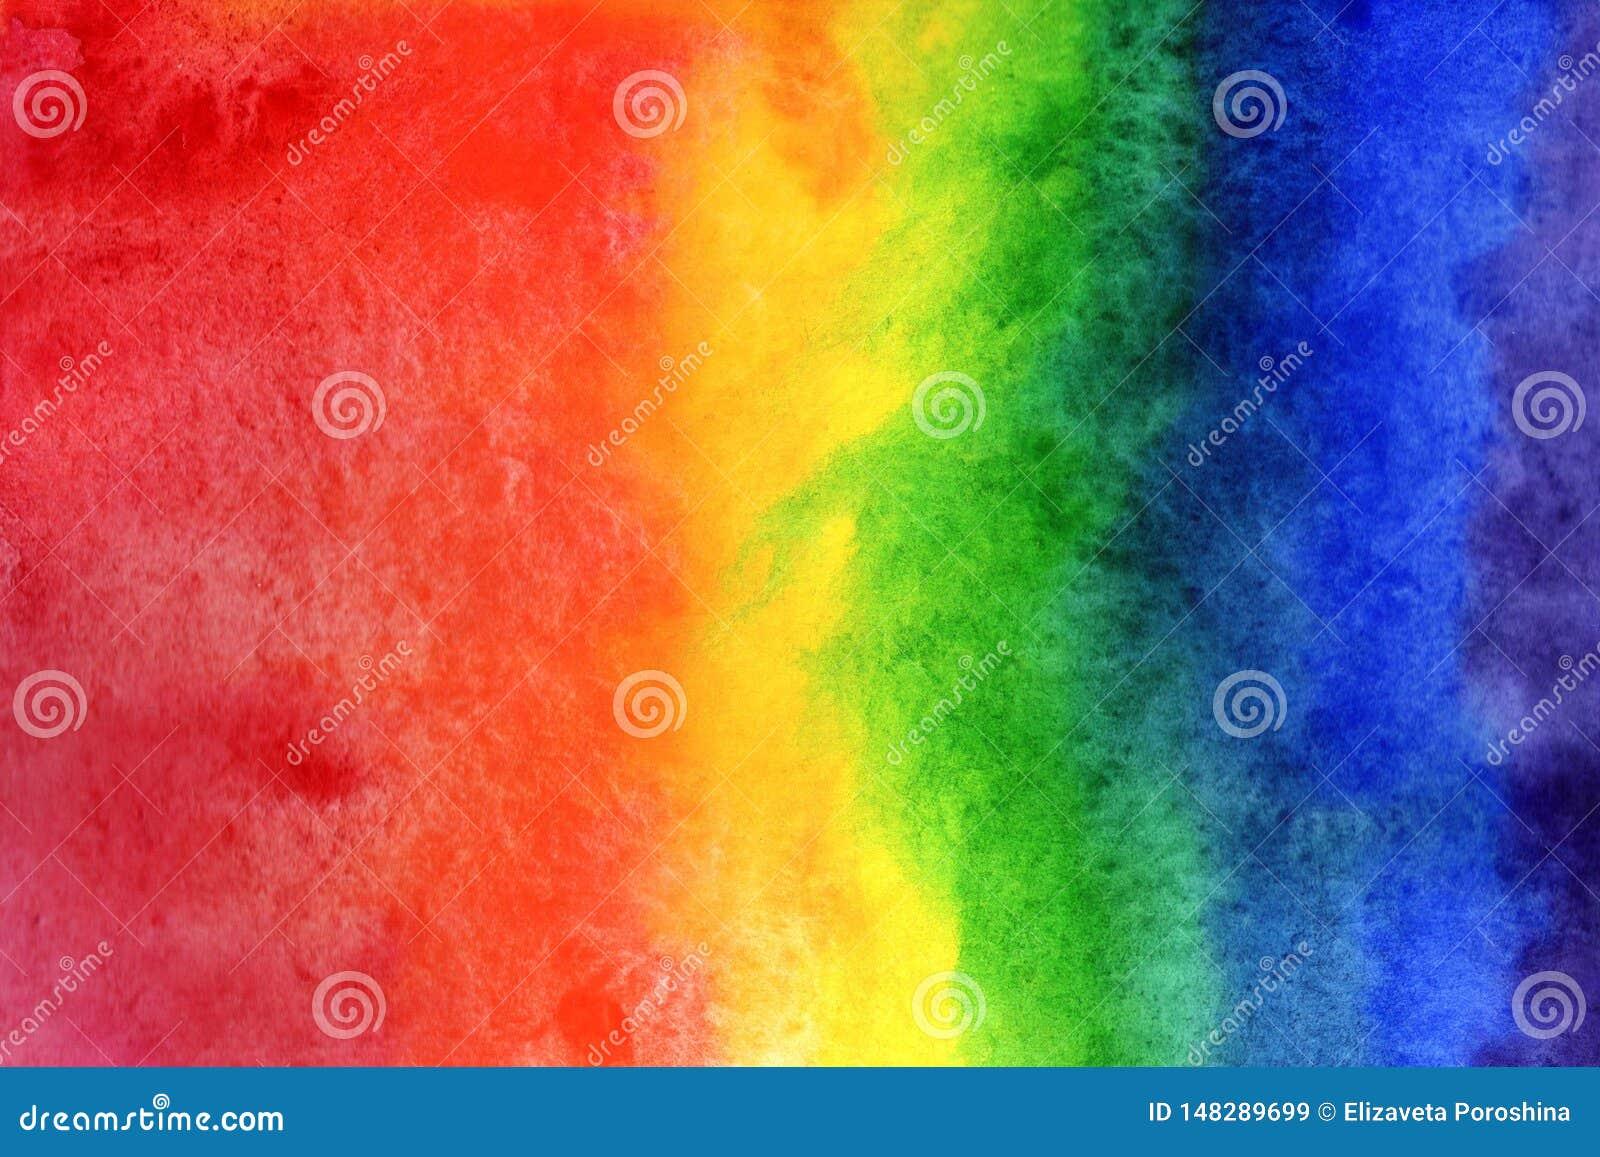 水彩背景例证 水彩在纸的彩虹梯度